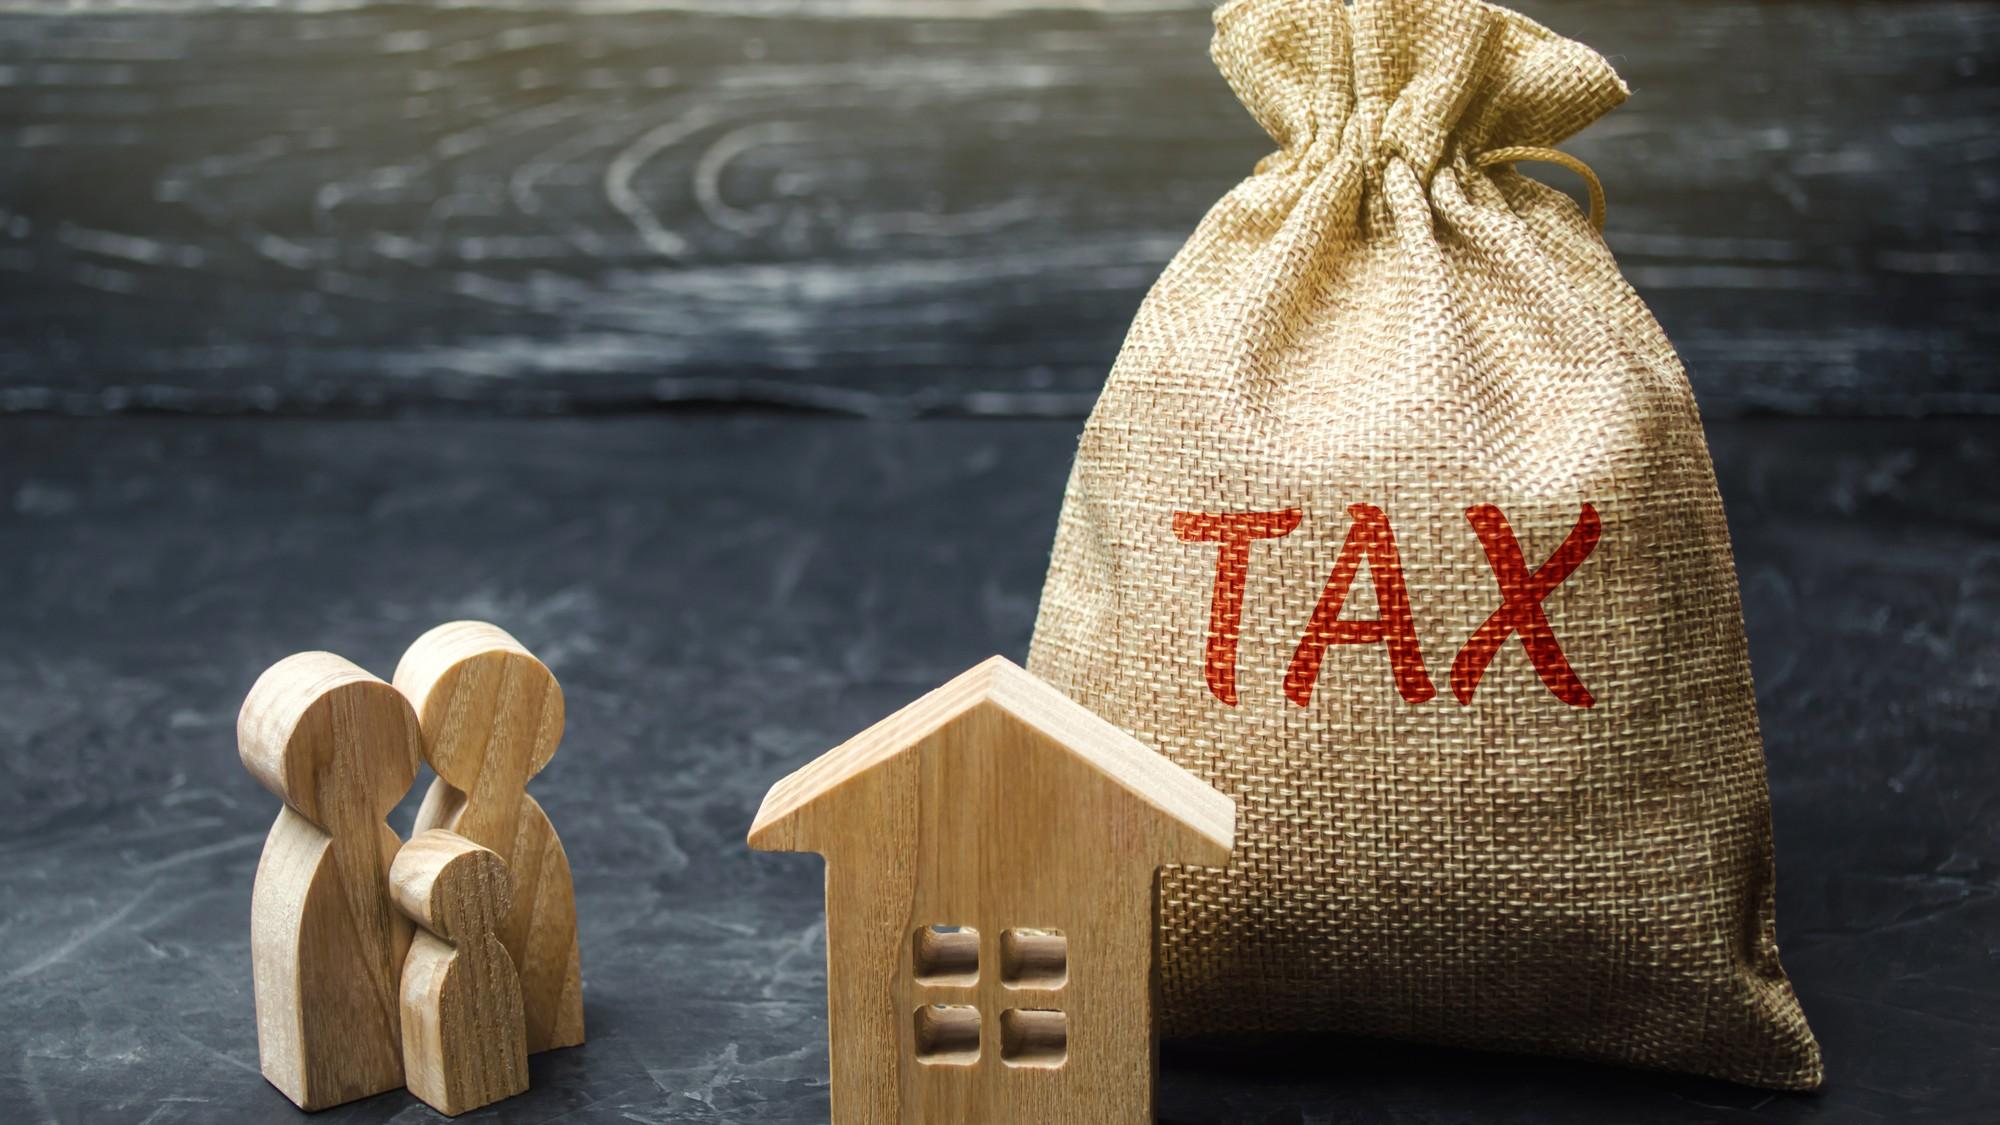 自宅は税金8割引き!? 相続税を減らせる「小規模宅地等の特例」